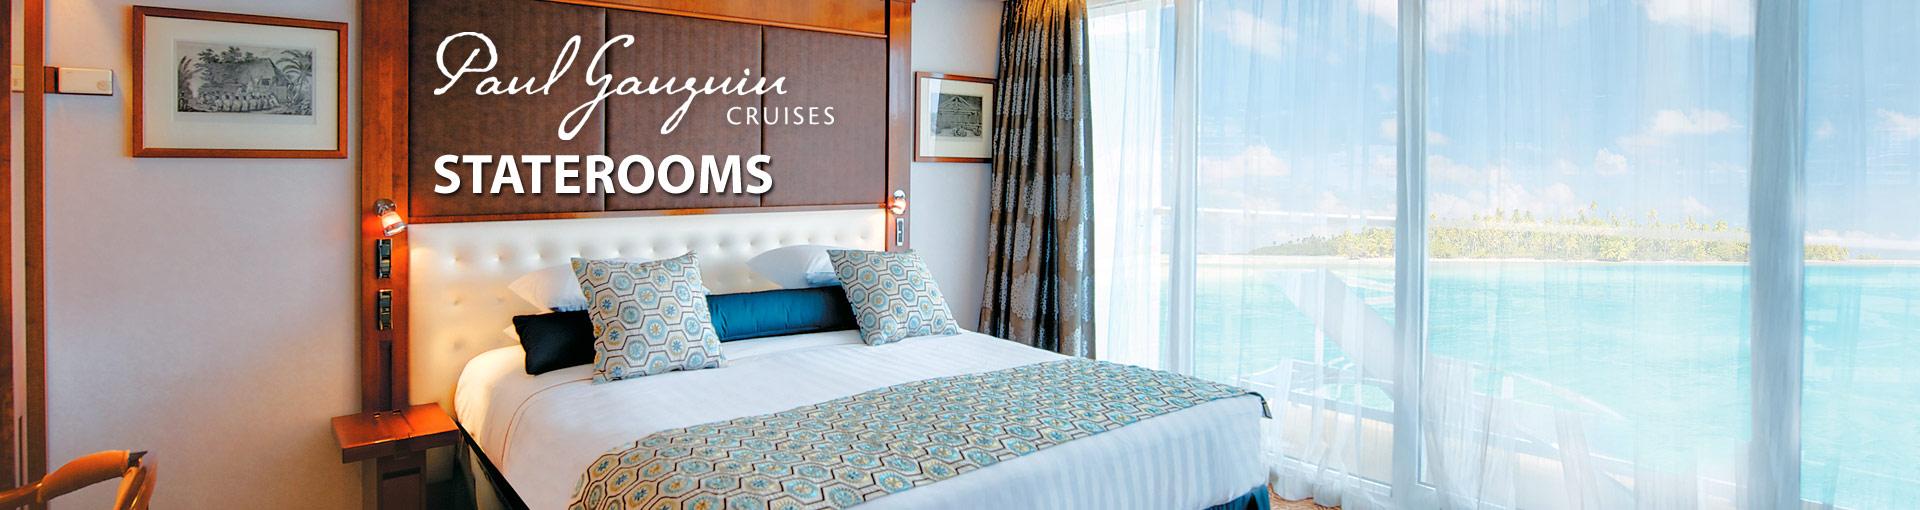 Paul Gauguin Cruises Staterooms